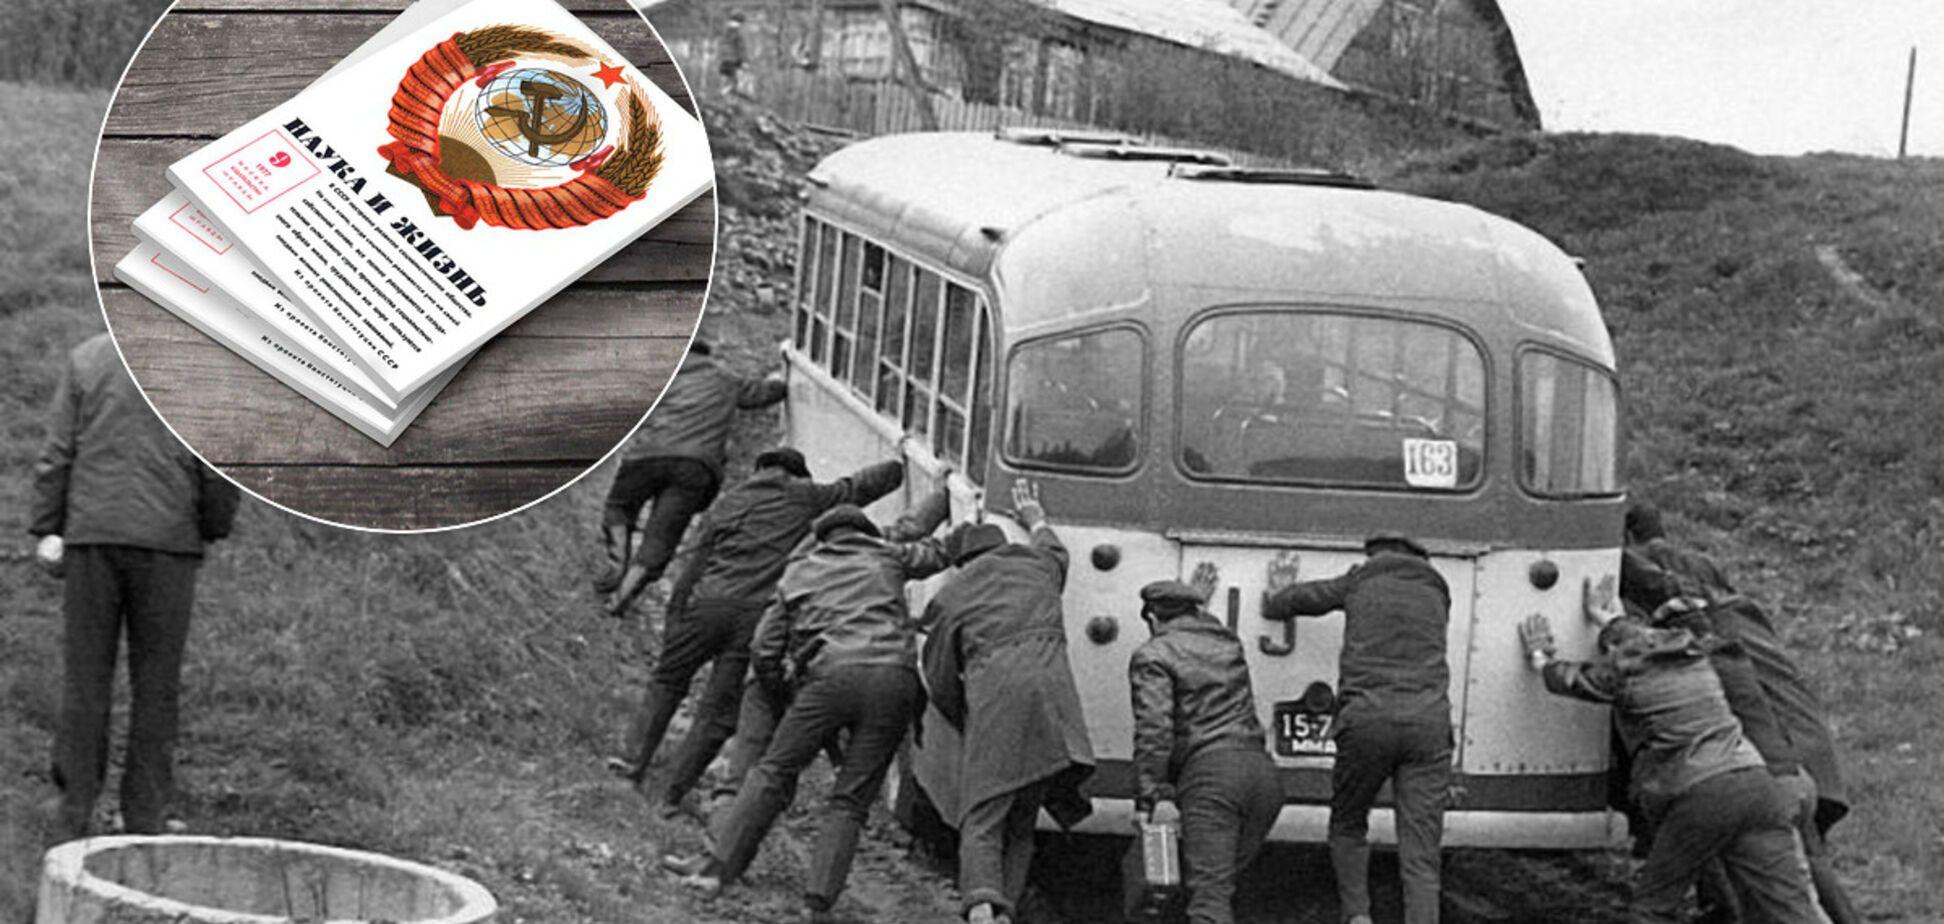 'Культура злиднів': блогер показав, як в СРСР компенсували дефіцит